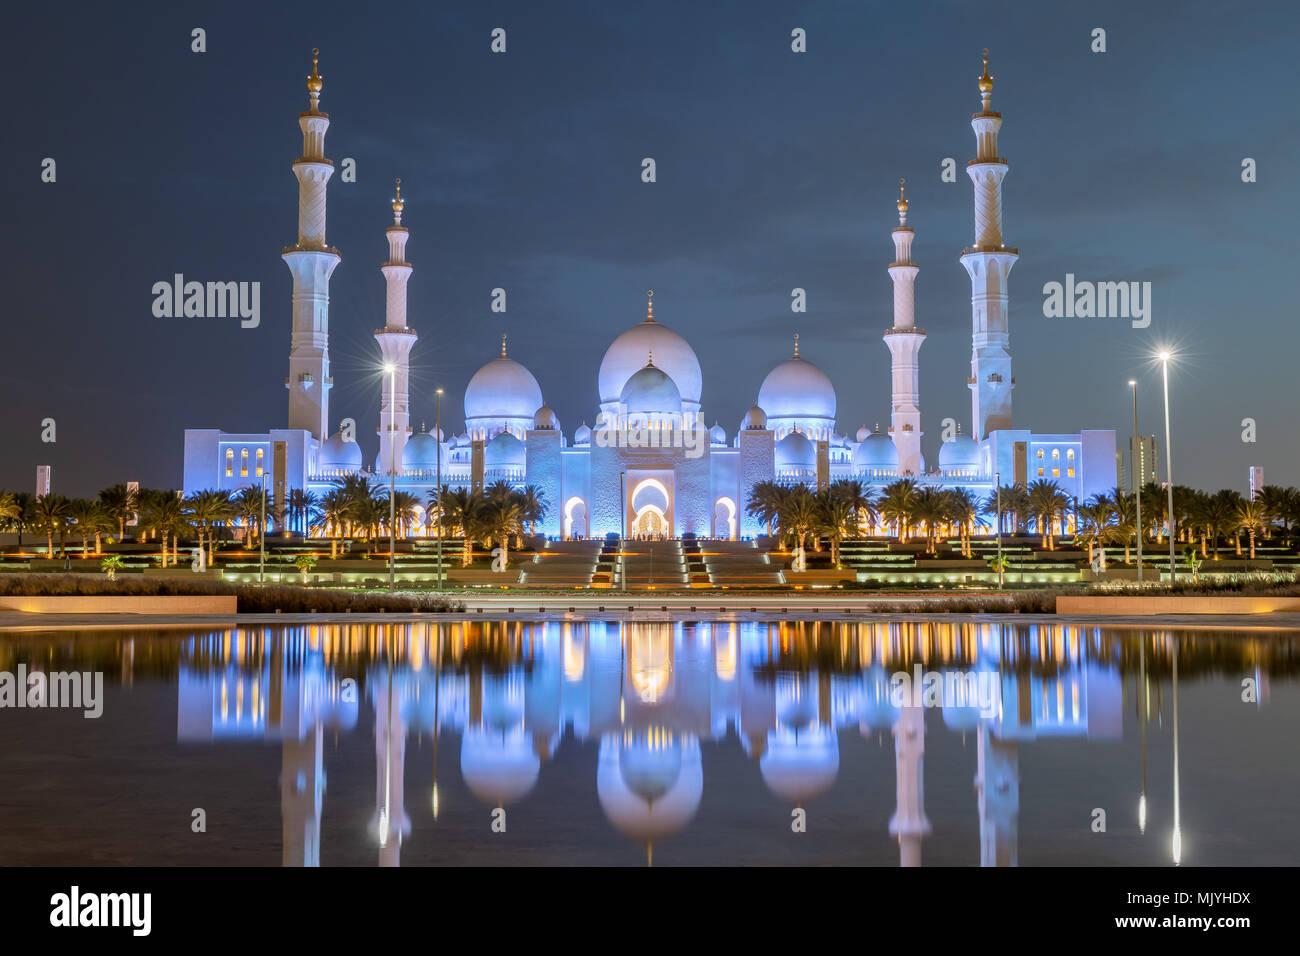 Sheikh Zayed Moschee in Abu Dhabi, Hauptstadt der Vereinigten Arabischen Emirate. Moschee ist von Italienischen weißem Marmor gebaut. Reflexion in See Stockbild